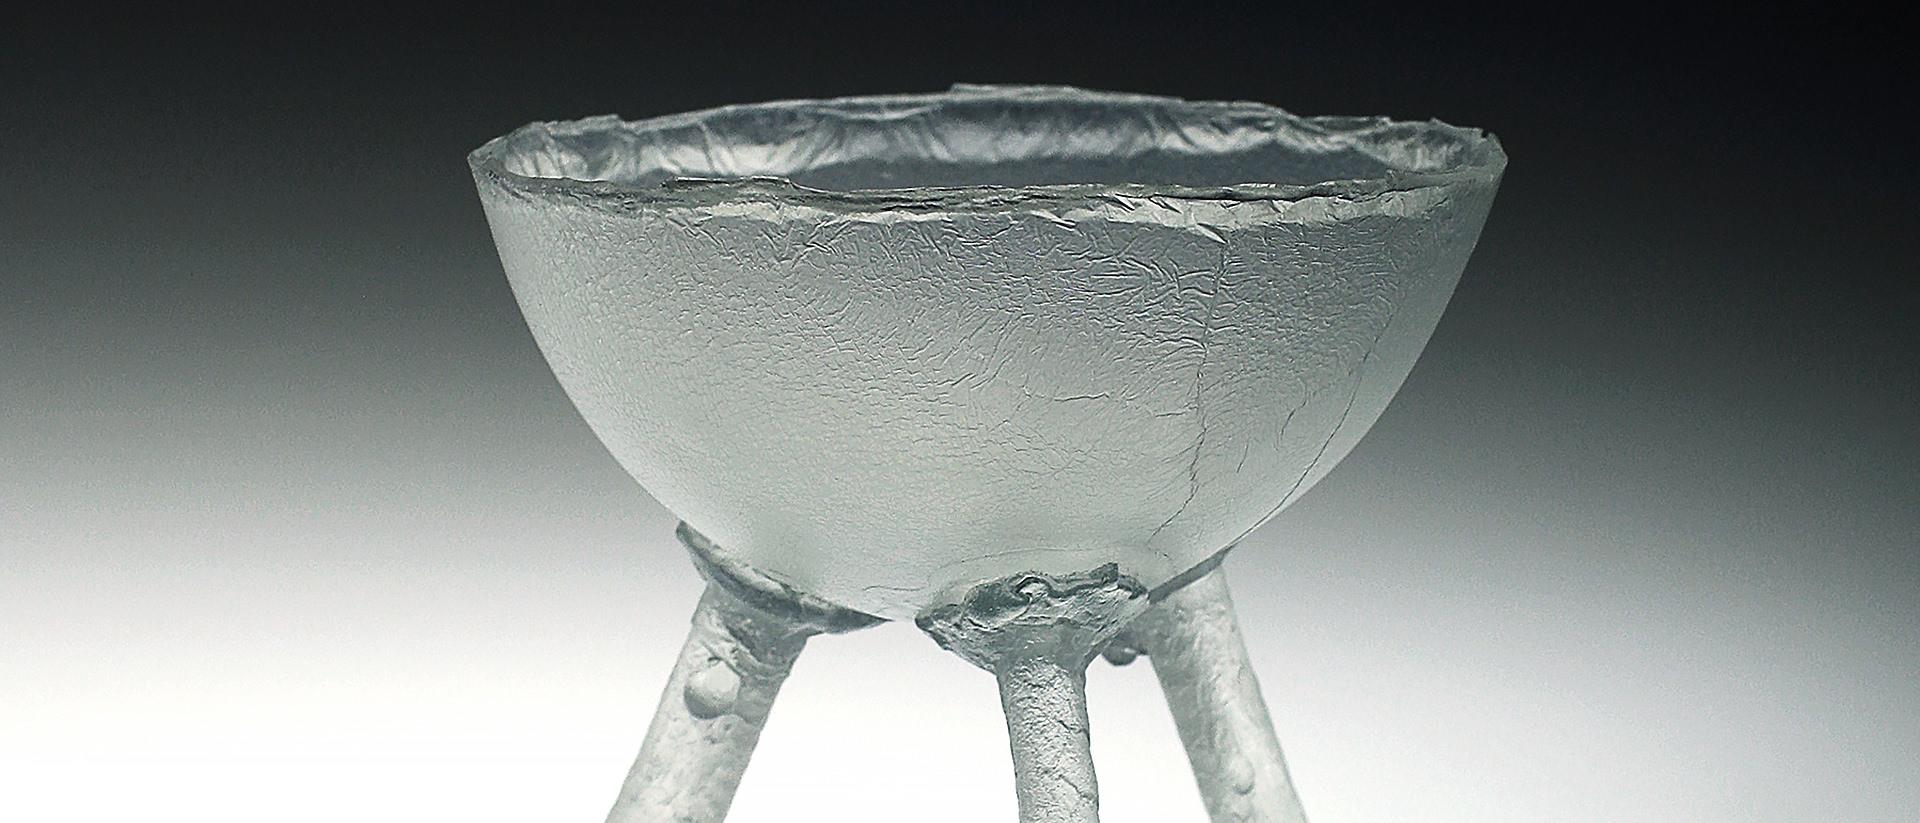 Ione Thorkelsson, Three-footed Bowl, 1993, verre moulé, 11,5 x 16 cm. Photo : gracieuseté de l'artiste